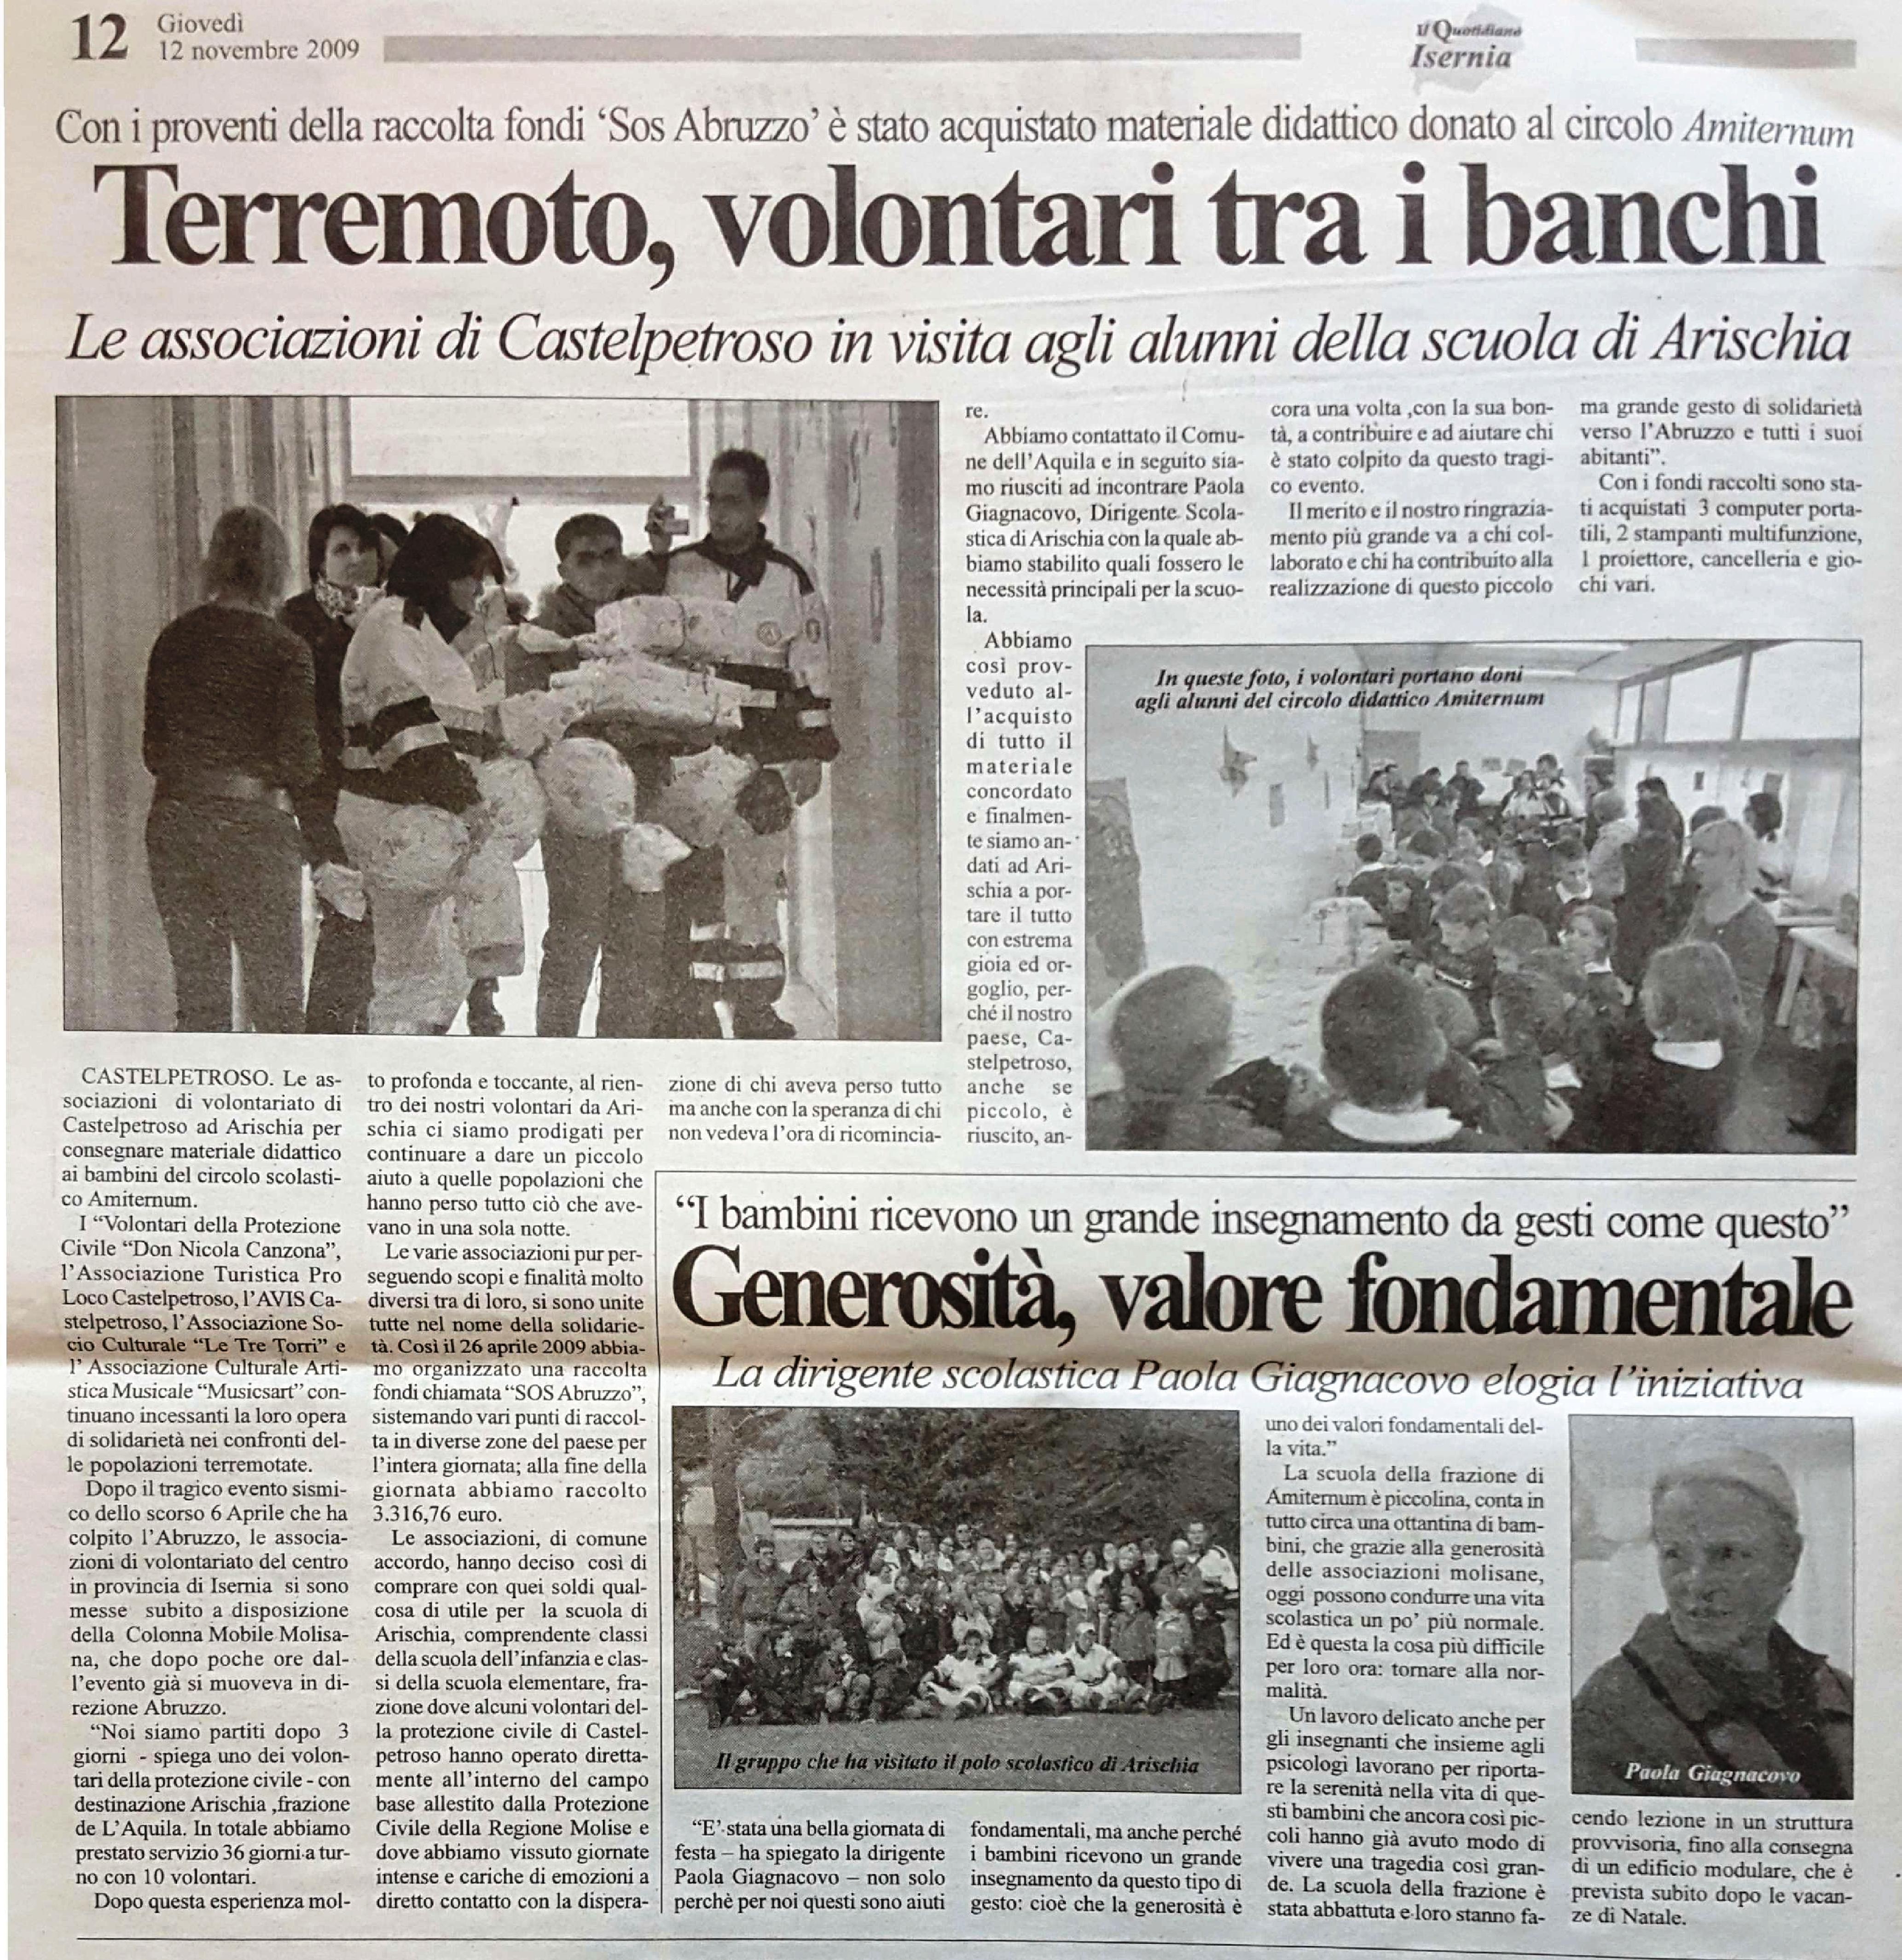 art 12.11.2009